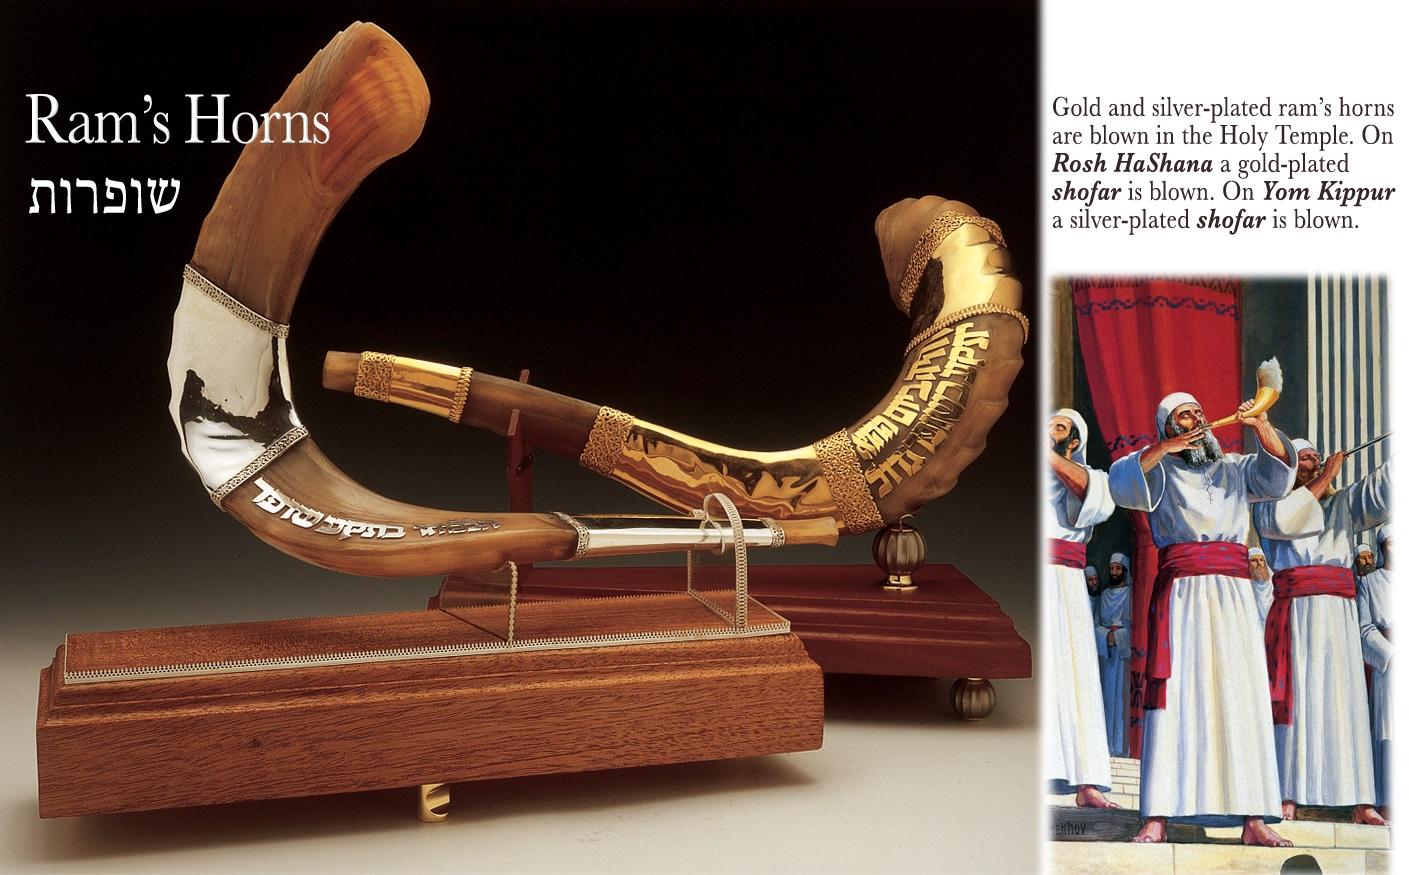 上图:以色列圣殿研究所制作的角(Shofars),用羊角(Ram's Horns)制作,一支包金、一支包银。在圣殿时代,每逢吹角节要吹响包金的角,赎罪日要吹响包银的角。